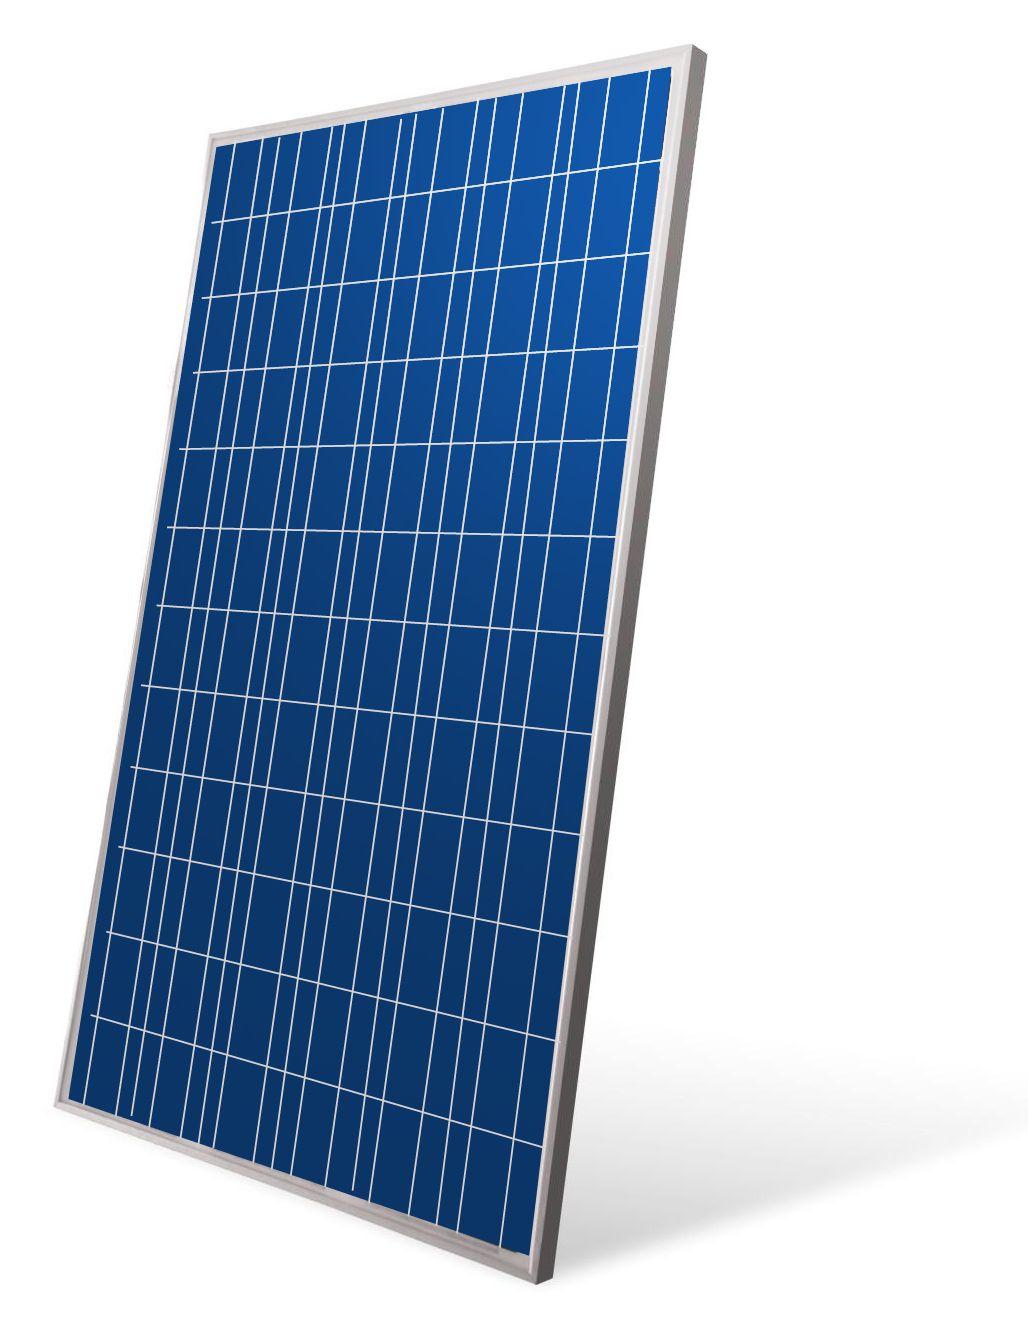 Фотоэлектрический солнечный модуль DELTA BST 250-20(поли-/монокристалл) 250Вт 24В